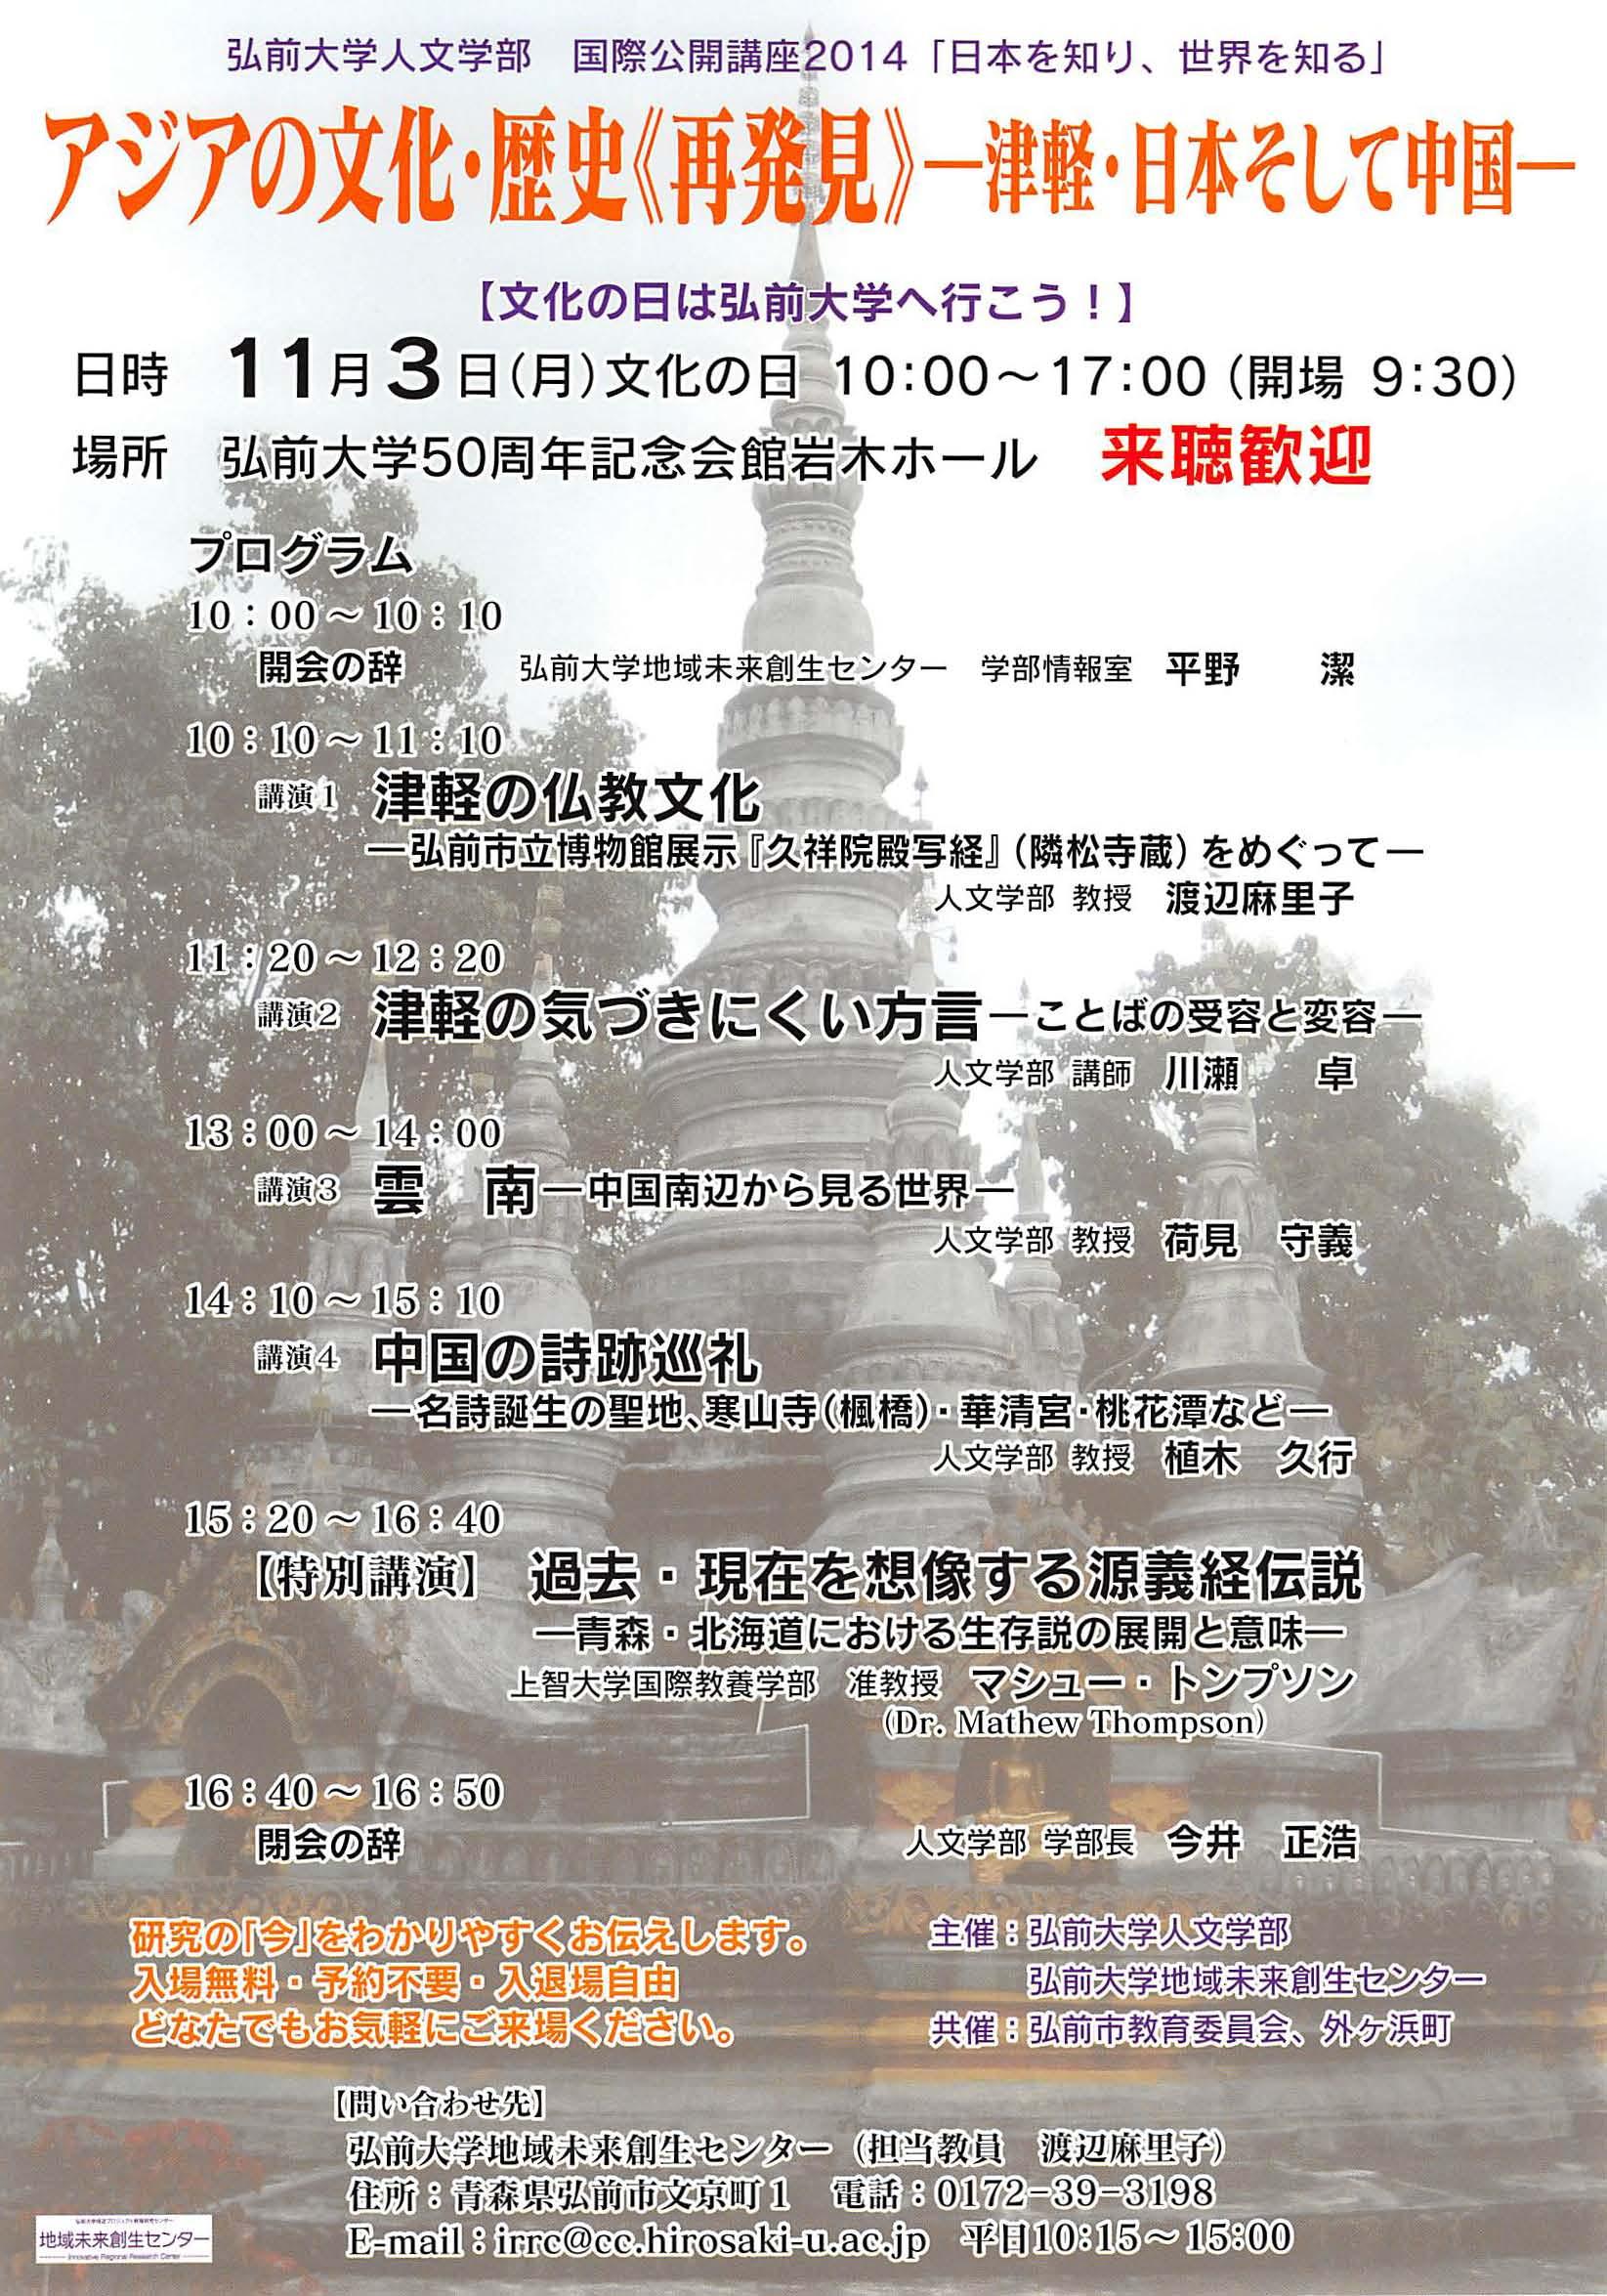 20141103 国際公開講座